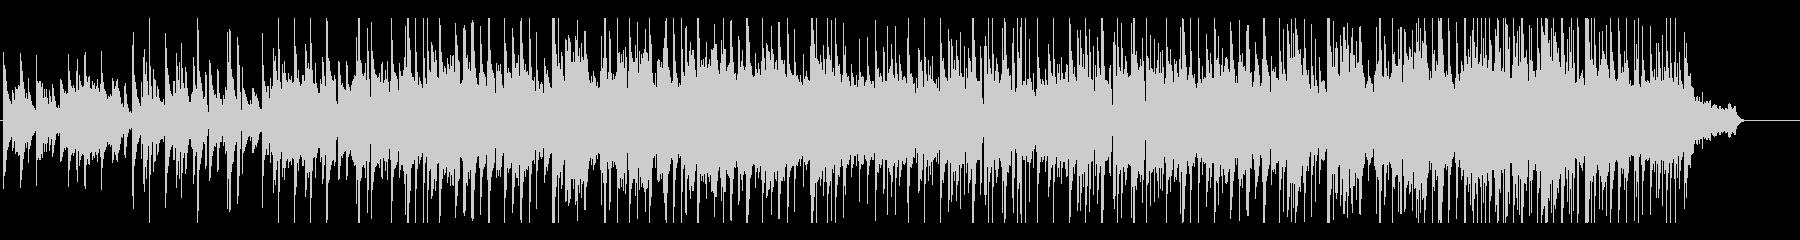 ノスタルジーに浸るアコギバラードの未再生の波形